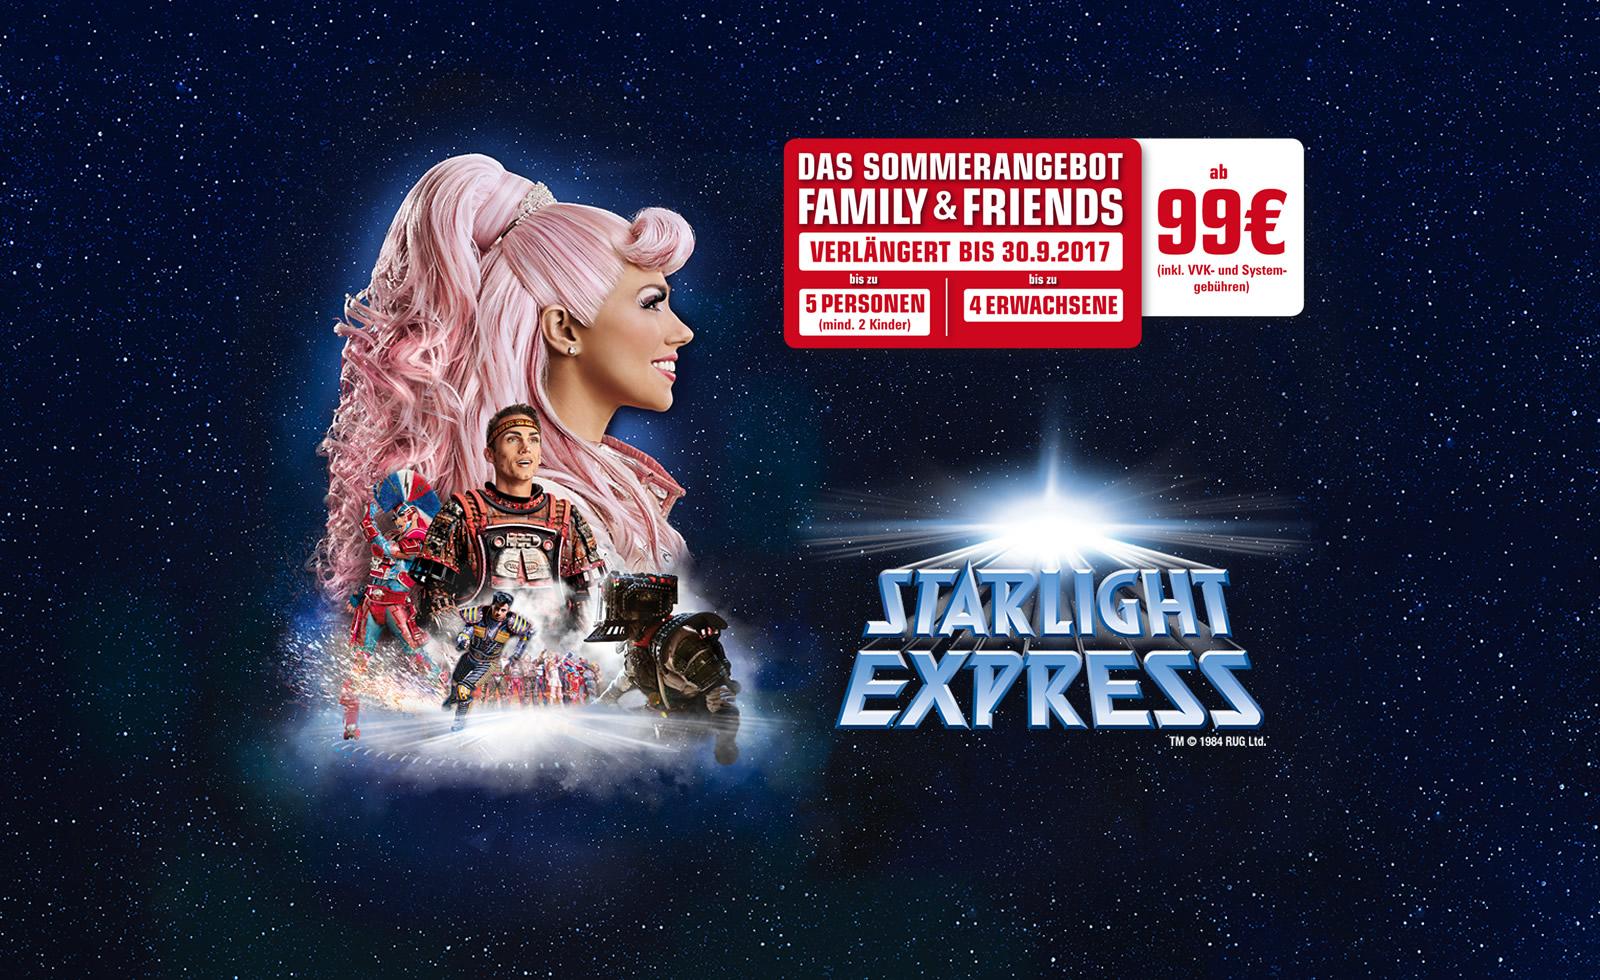 Musical in Bochum STARLIGHT EXPRESS bis 30.9.2017 - 5 Musical Tickets (mind.2 Kinder bis 14J.) oder 4 Erw. ab 99€